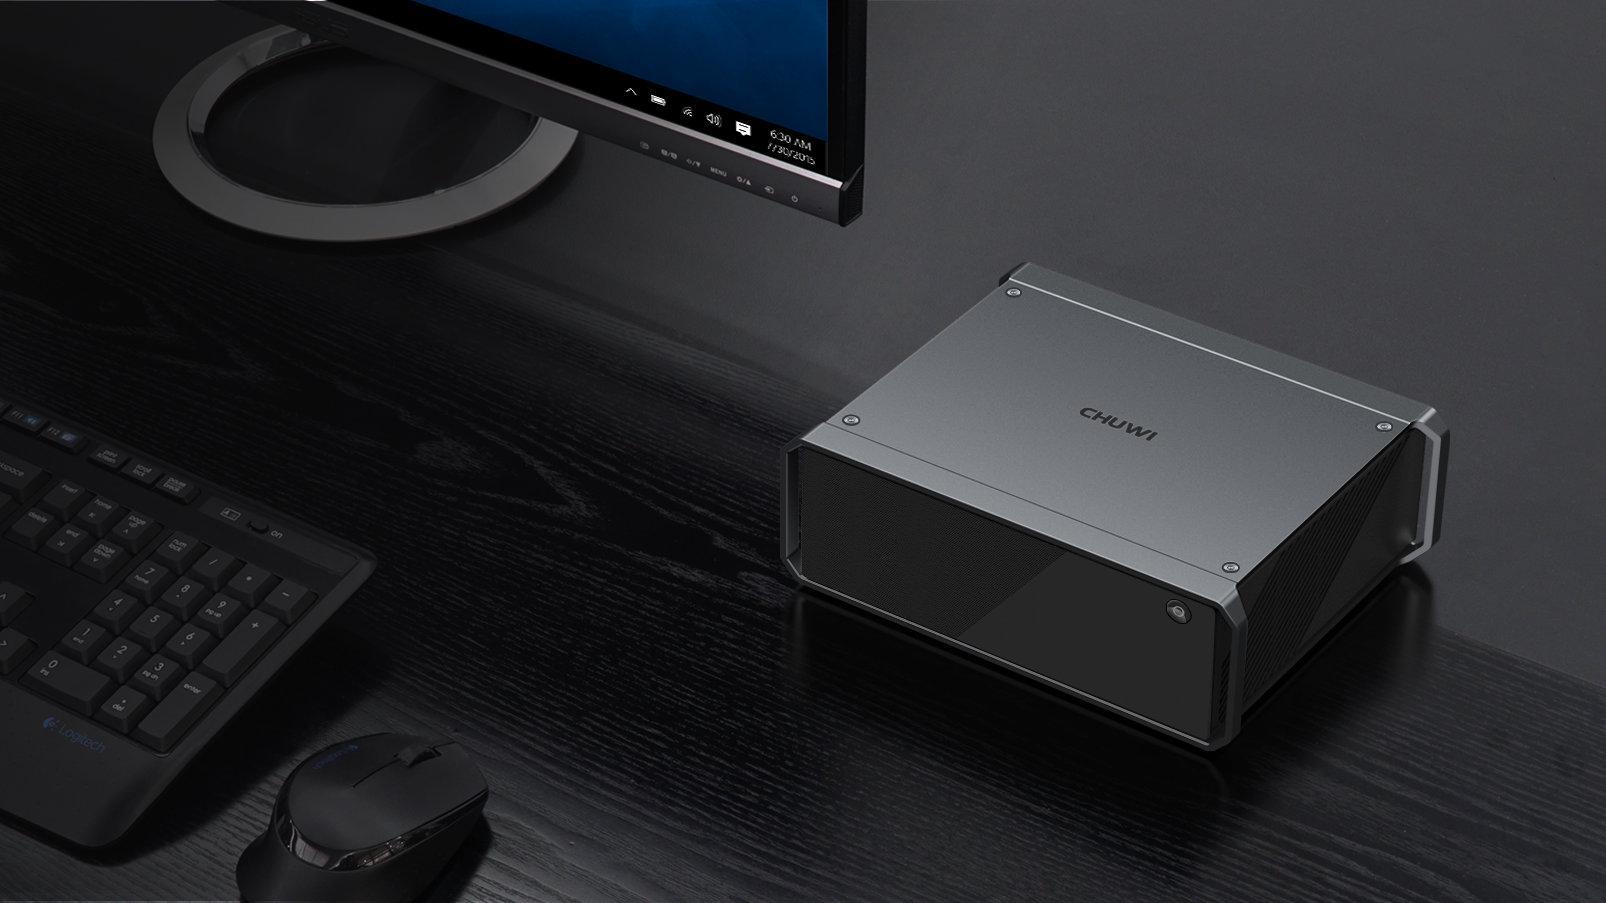 CoreBox od CHUWI v testech uspěl na výbornou [sponzorovaný článek]